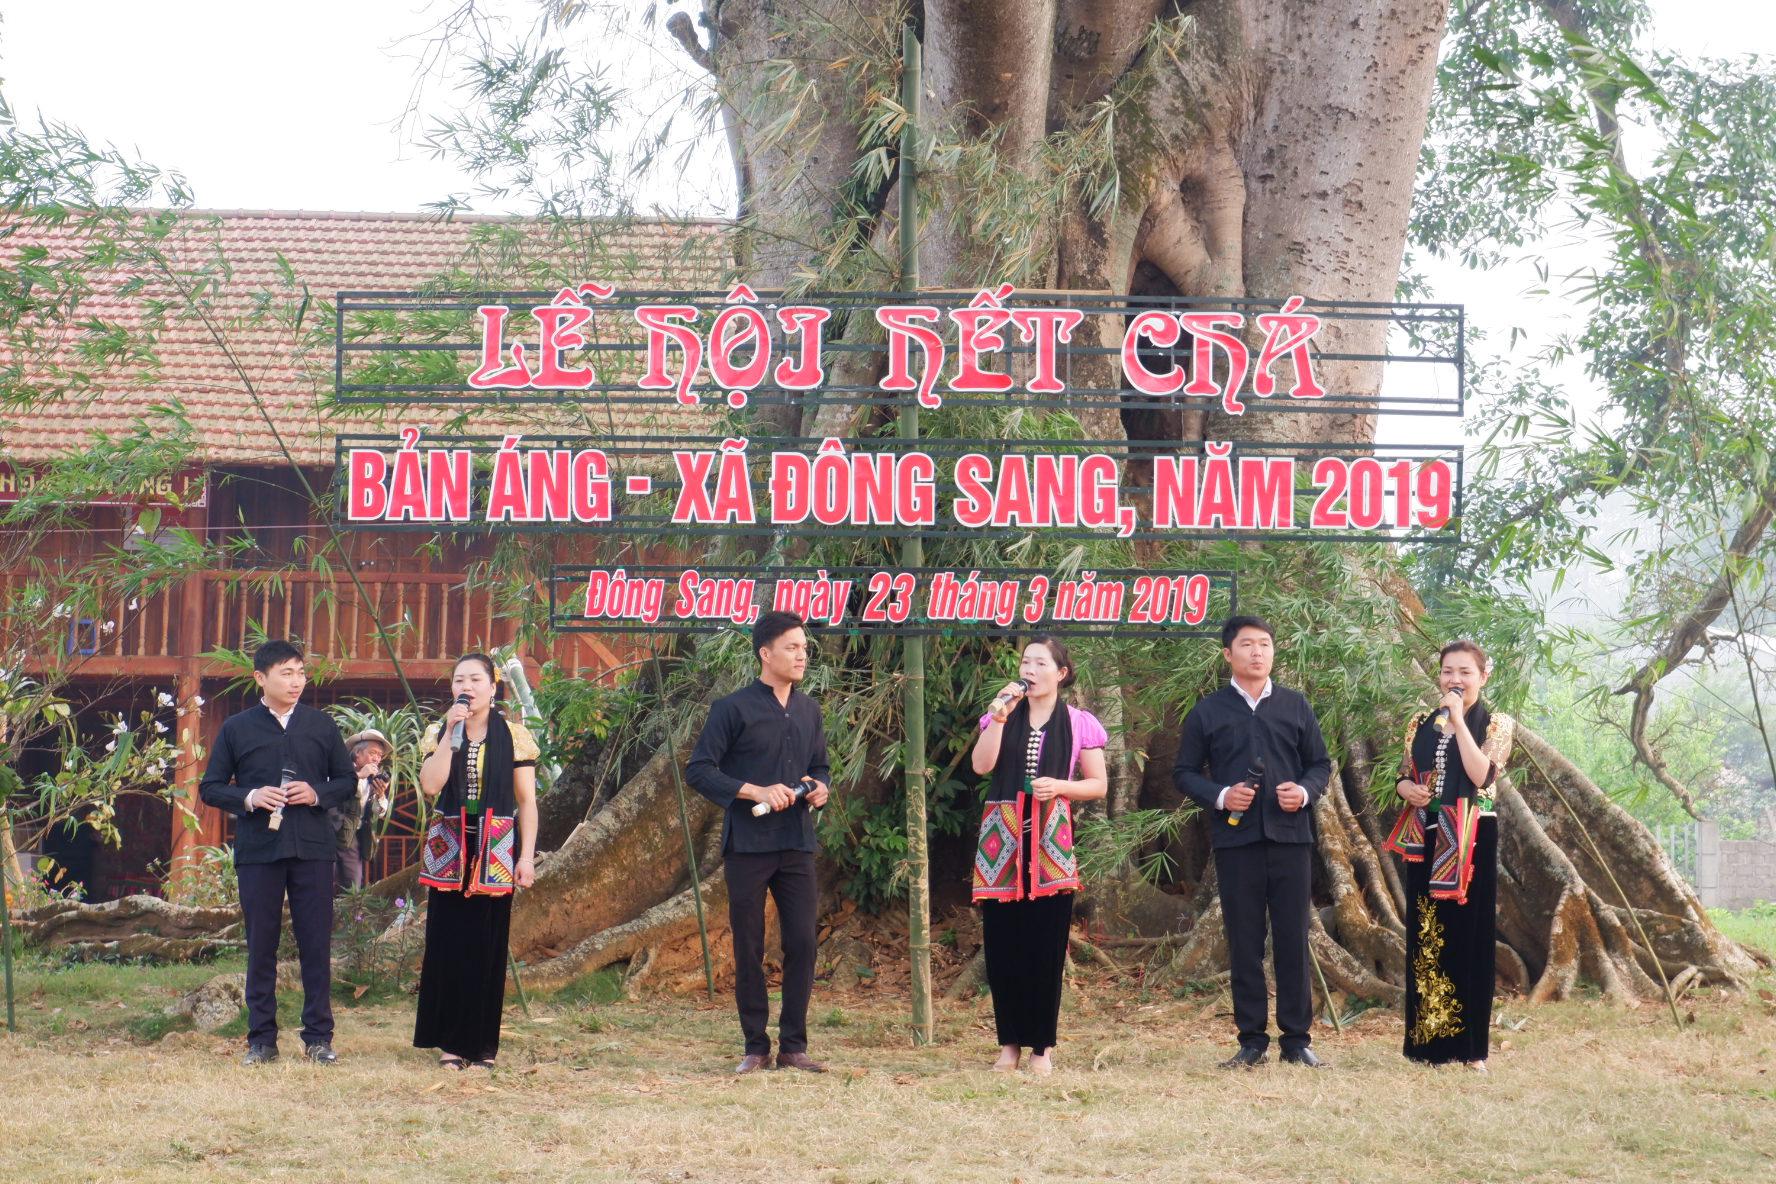 Lễ hội Hết Chá - Nét đẹp văn hóa của dân tộc Thái Mộc Châu